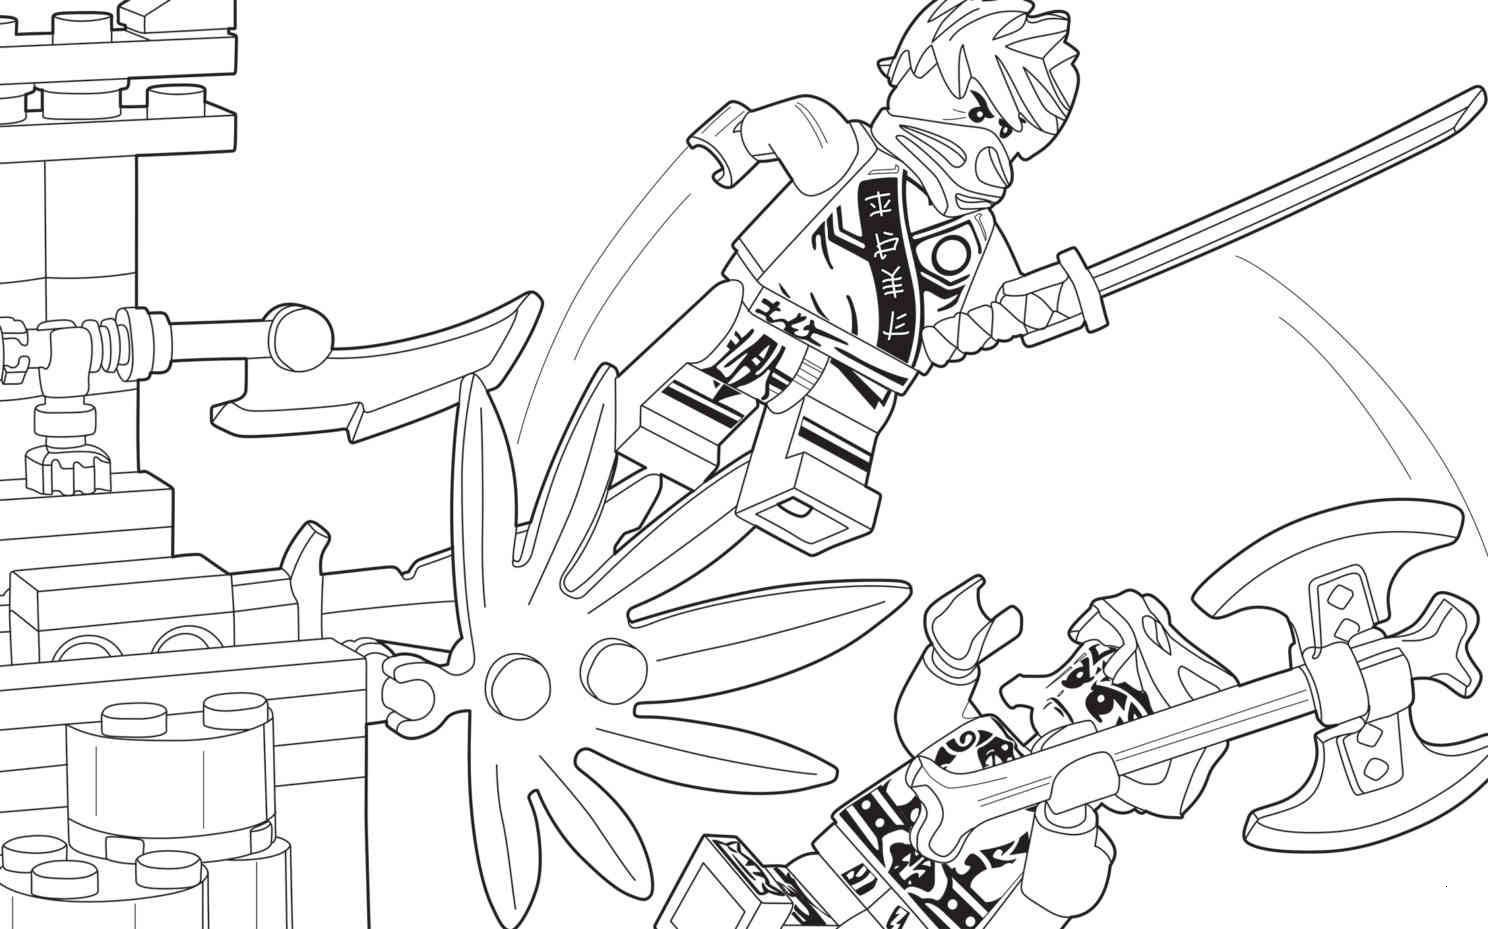 Ausmalbild Ninjago Drache Neu 33 Luxus Weihnachtsbilder Zum Ausmalen – Malvorlagen Ideen Das Bild